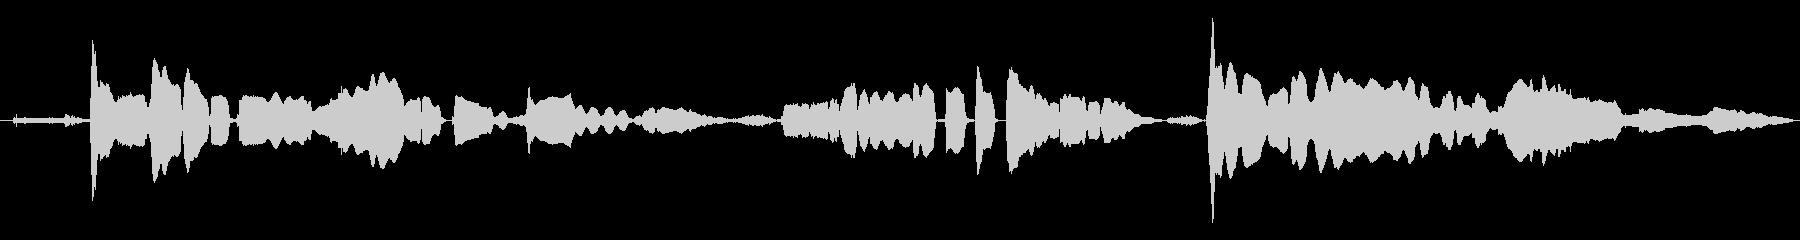 鳴き声 女性歌うジャズインプロ01の未再生の波形